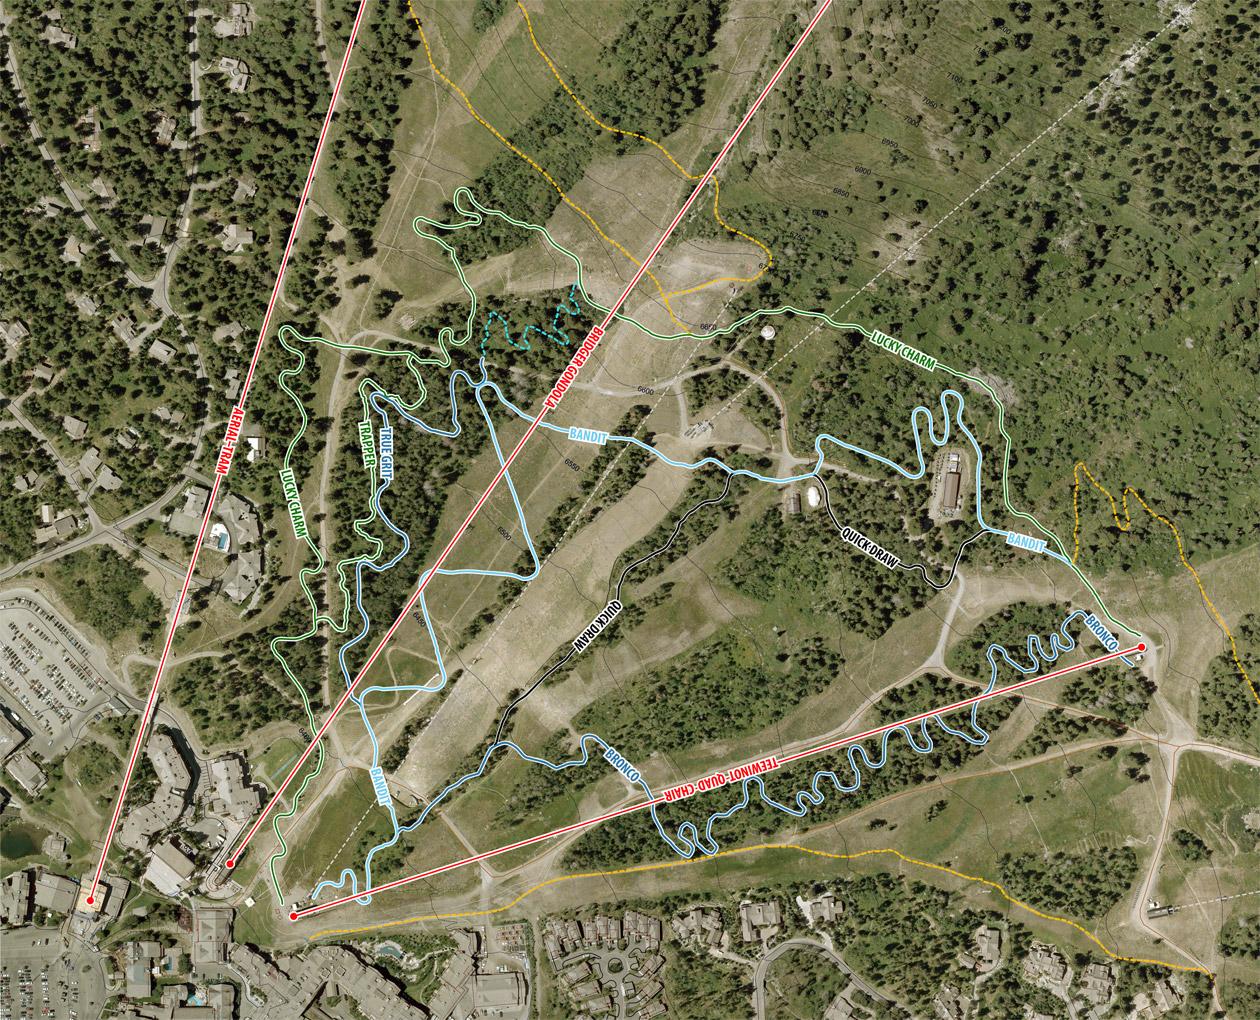 Jackson Hole Earthquake Jackson Hole Bike Park Map